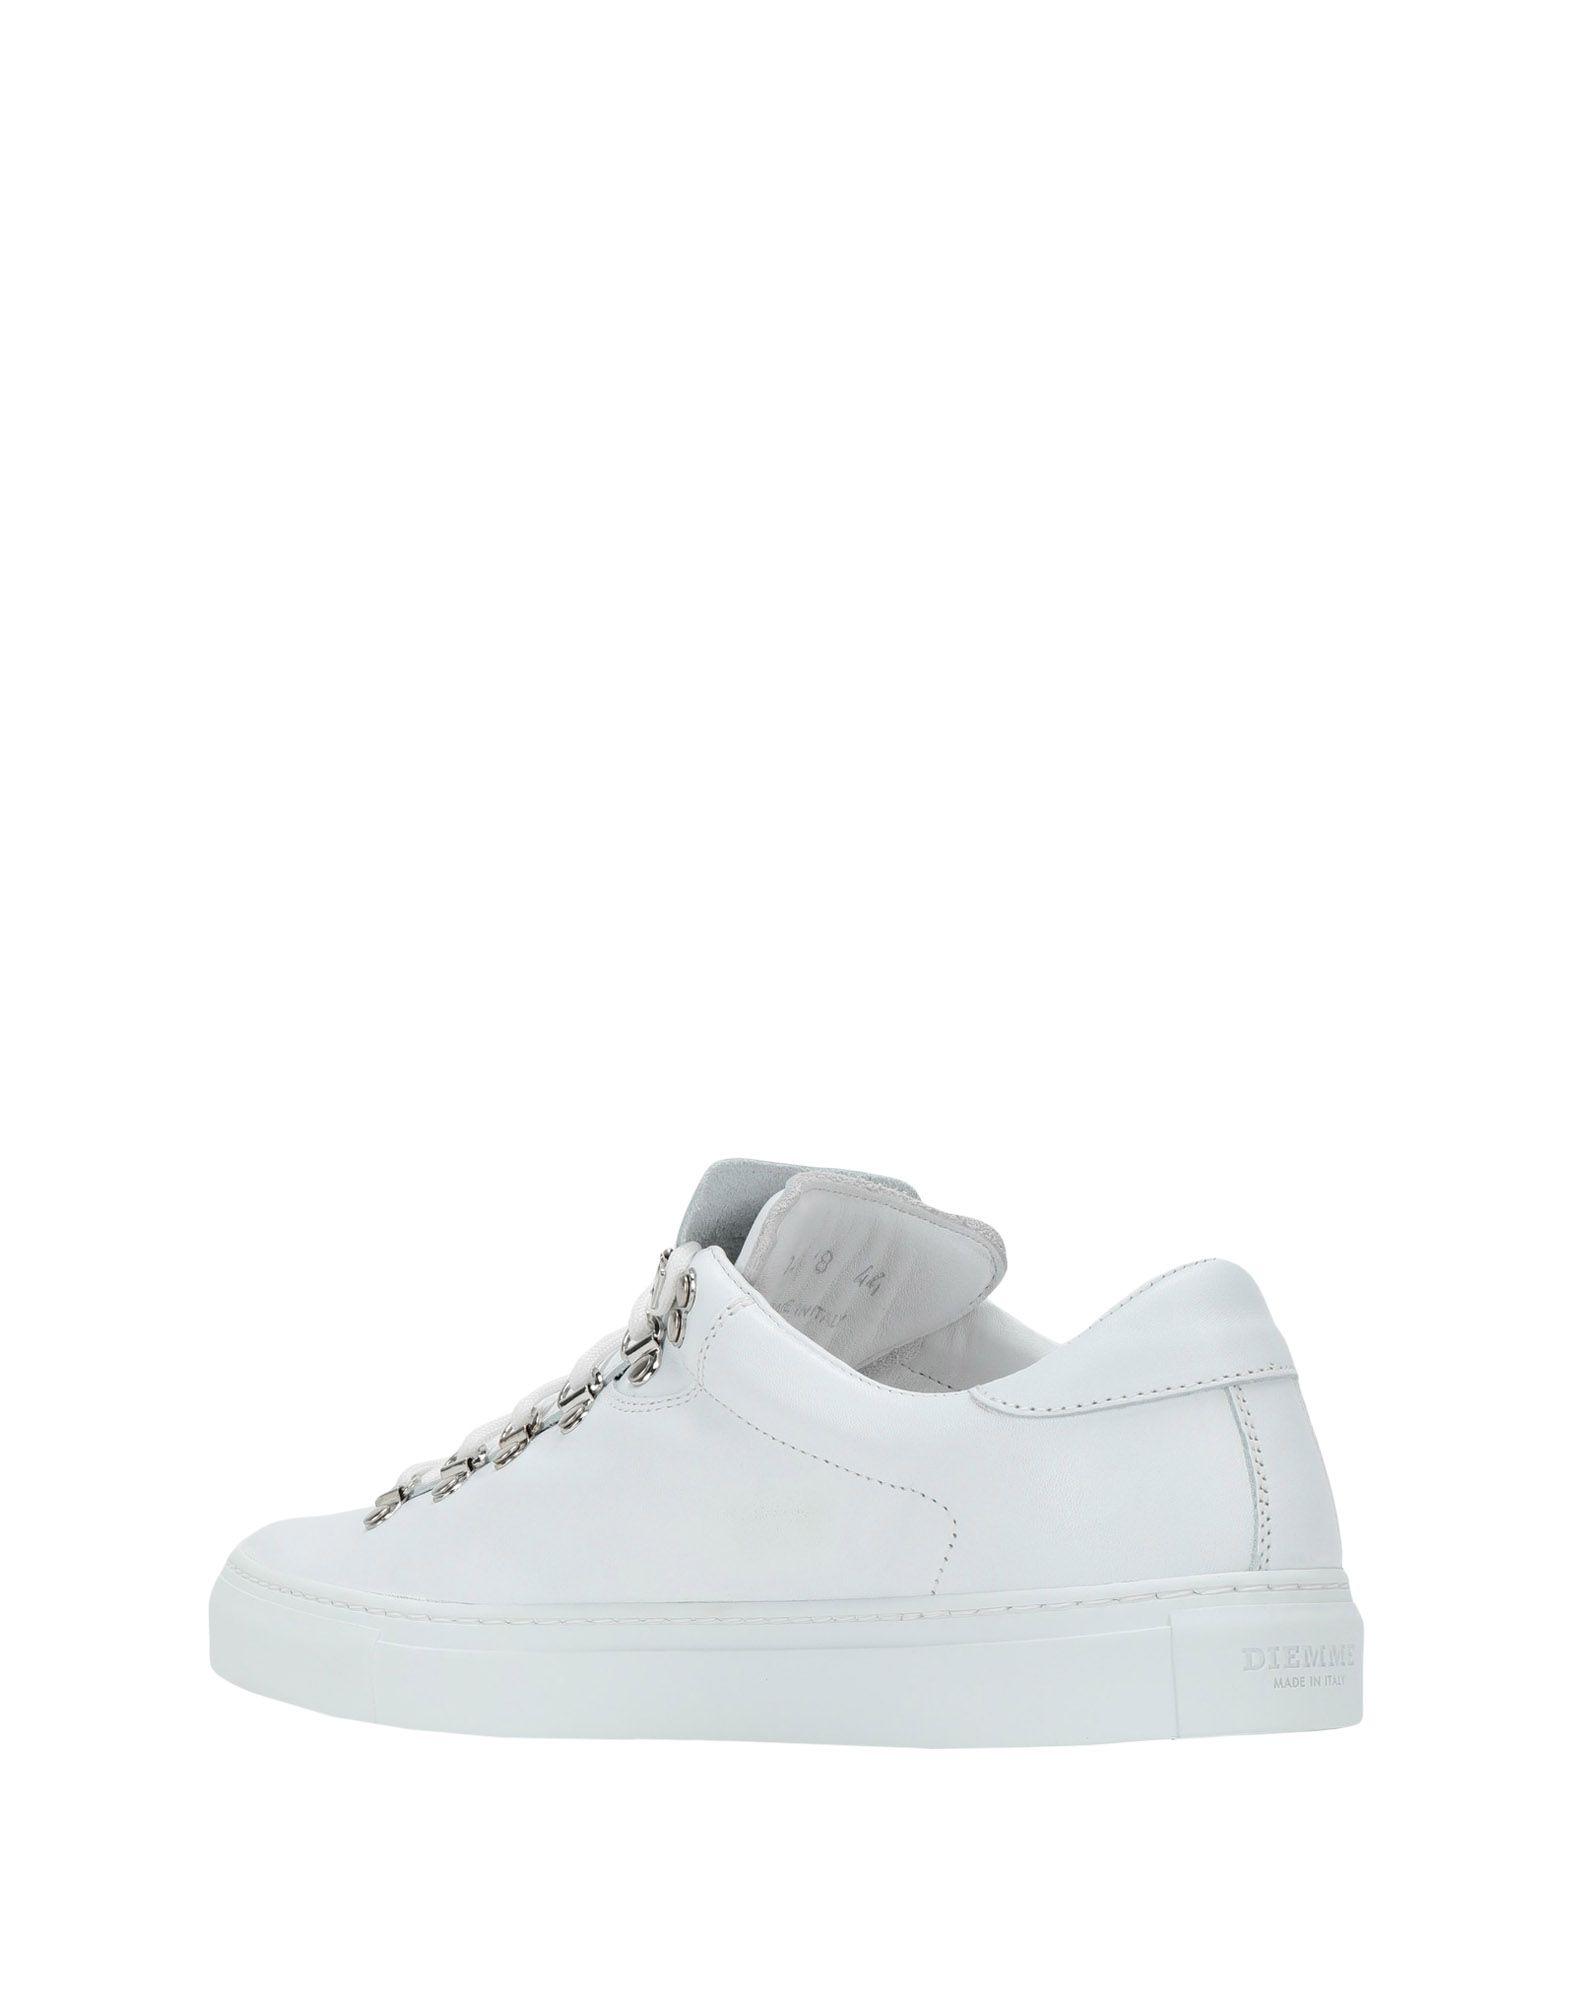 Diemme Marostica Qualität Low  11547904OR Gute Qualität Marostica beliebte Schuhe 0913cd